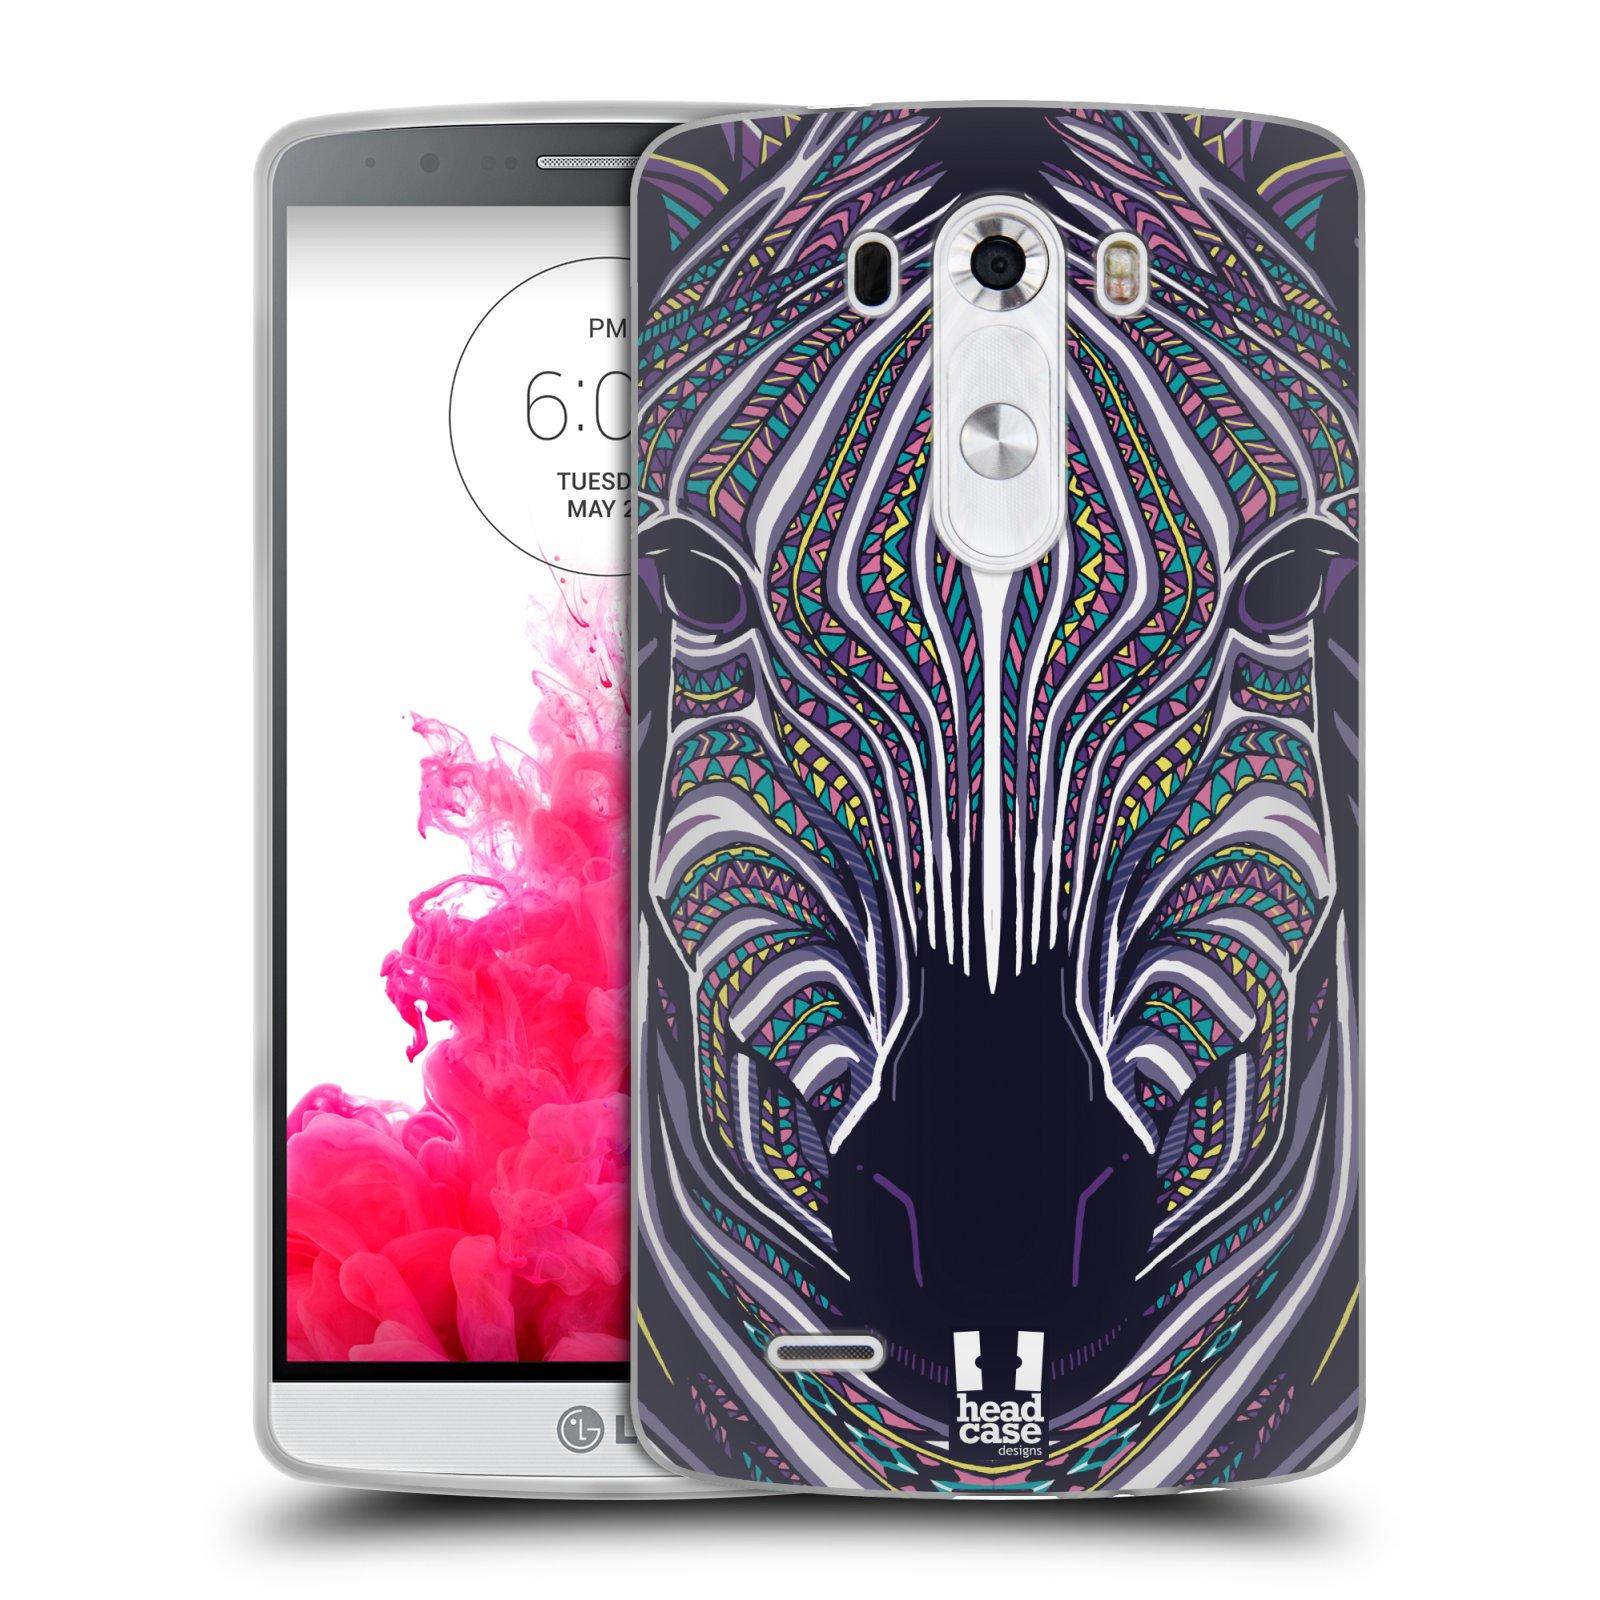 Silikonové pouzdro na mobil LG G3 HEAD CASE AZTEC ZEBRA (Silikonový kryt či obal na mobilní telefon LG G3 D855)